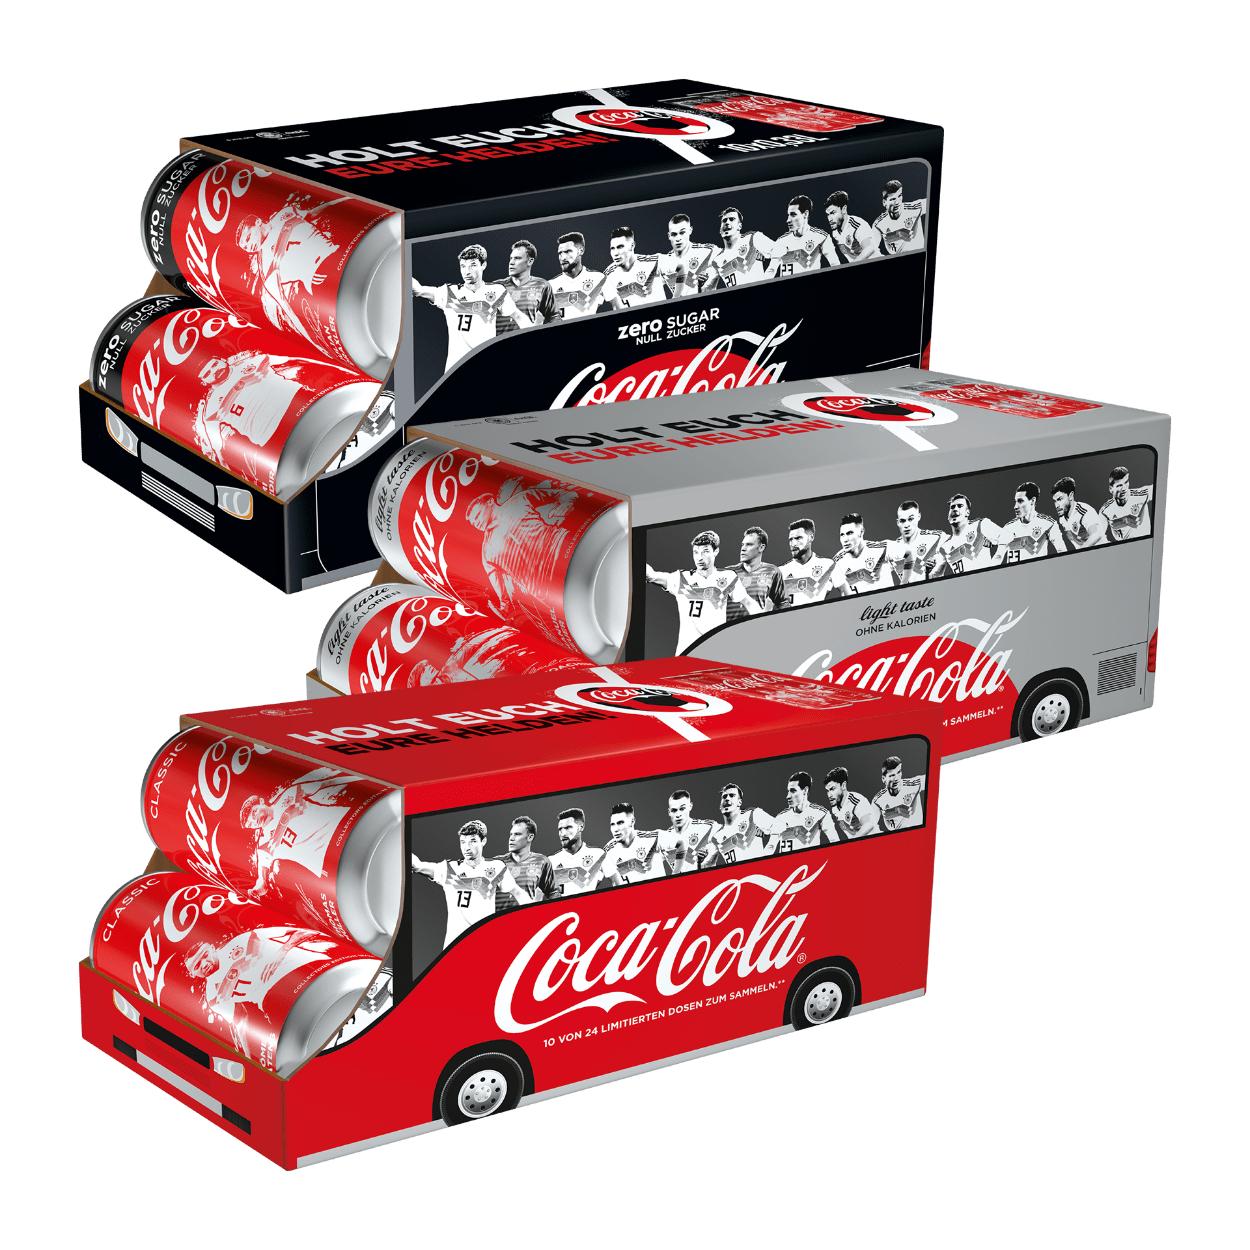 [Aldi Nord] 10 Dosen Coca Cola a 0.33l im WM Karton. Knapp 36 Cent je Dose. Ab Freitag 22.6.